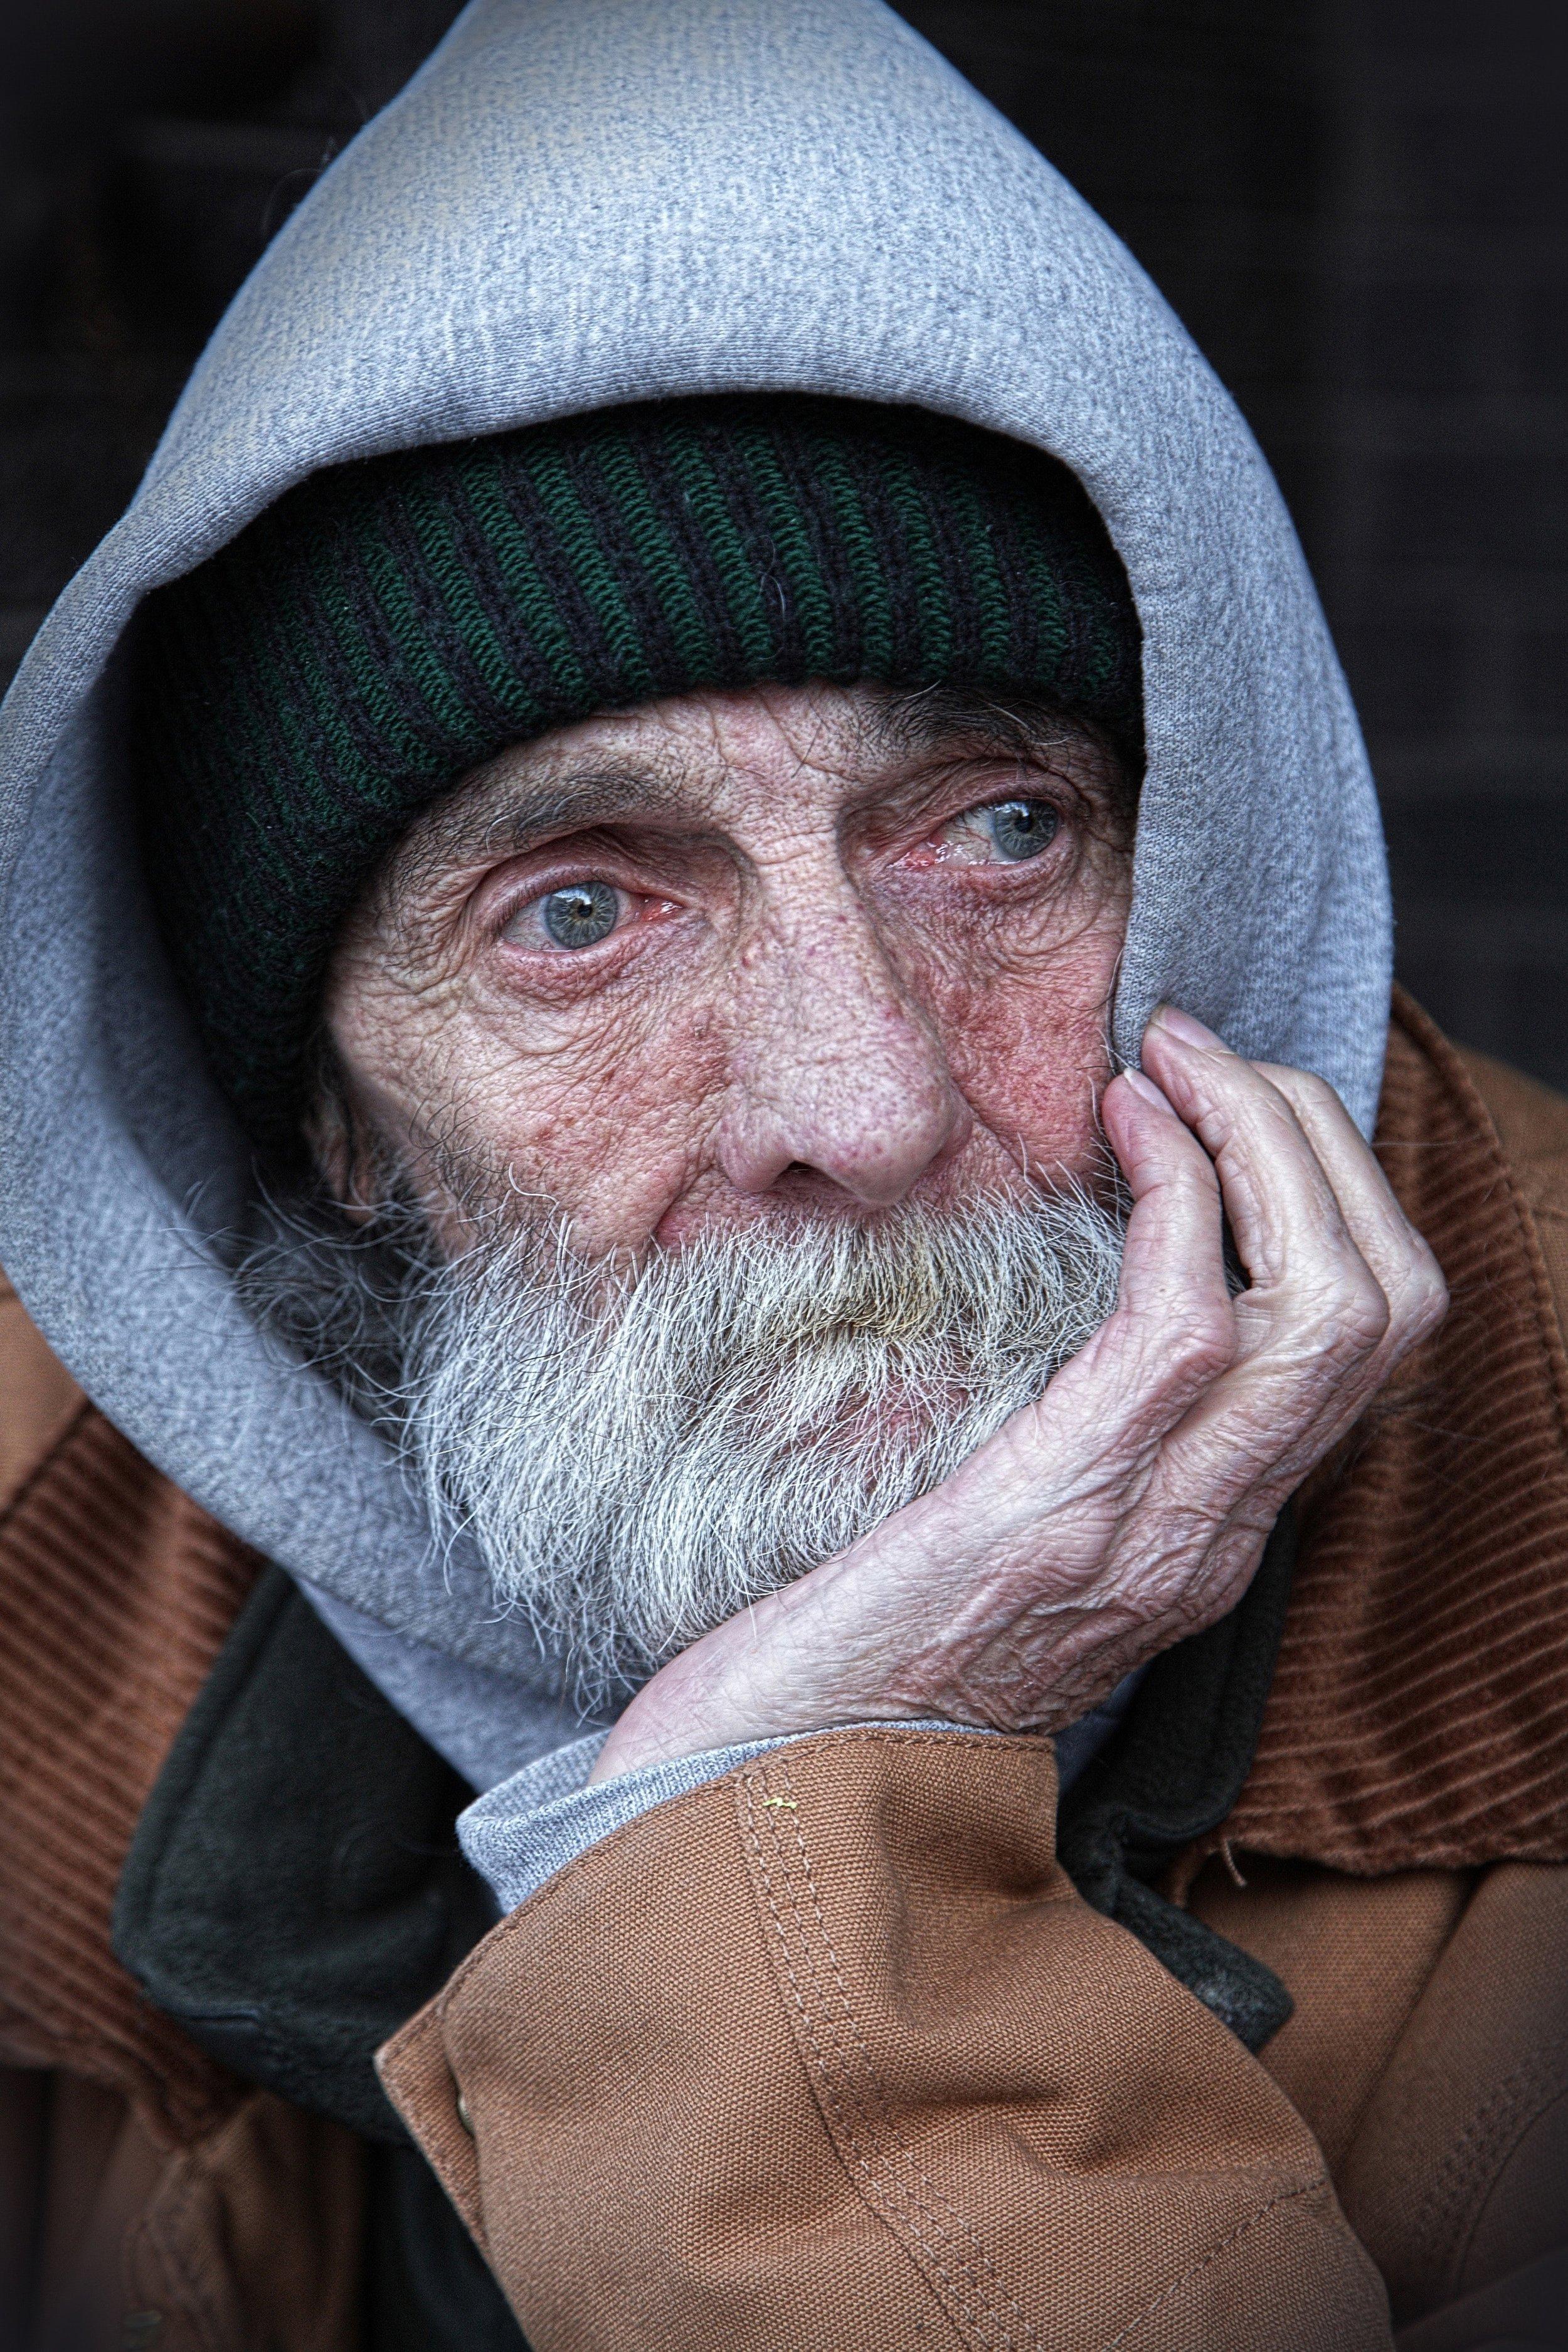 hoddie-homeless-homelessness-35011.jpg